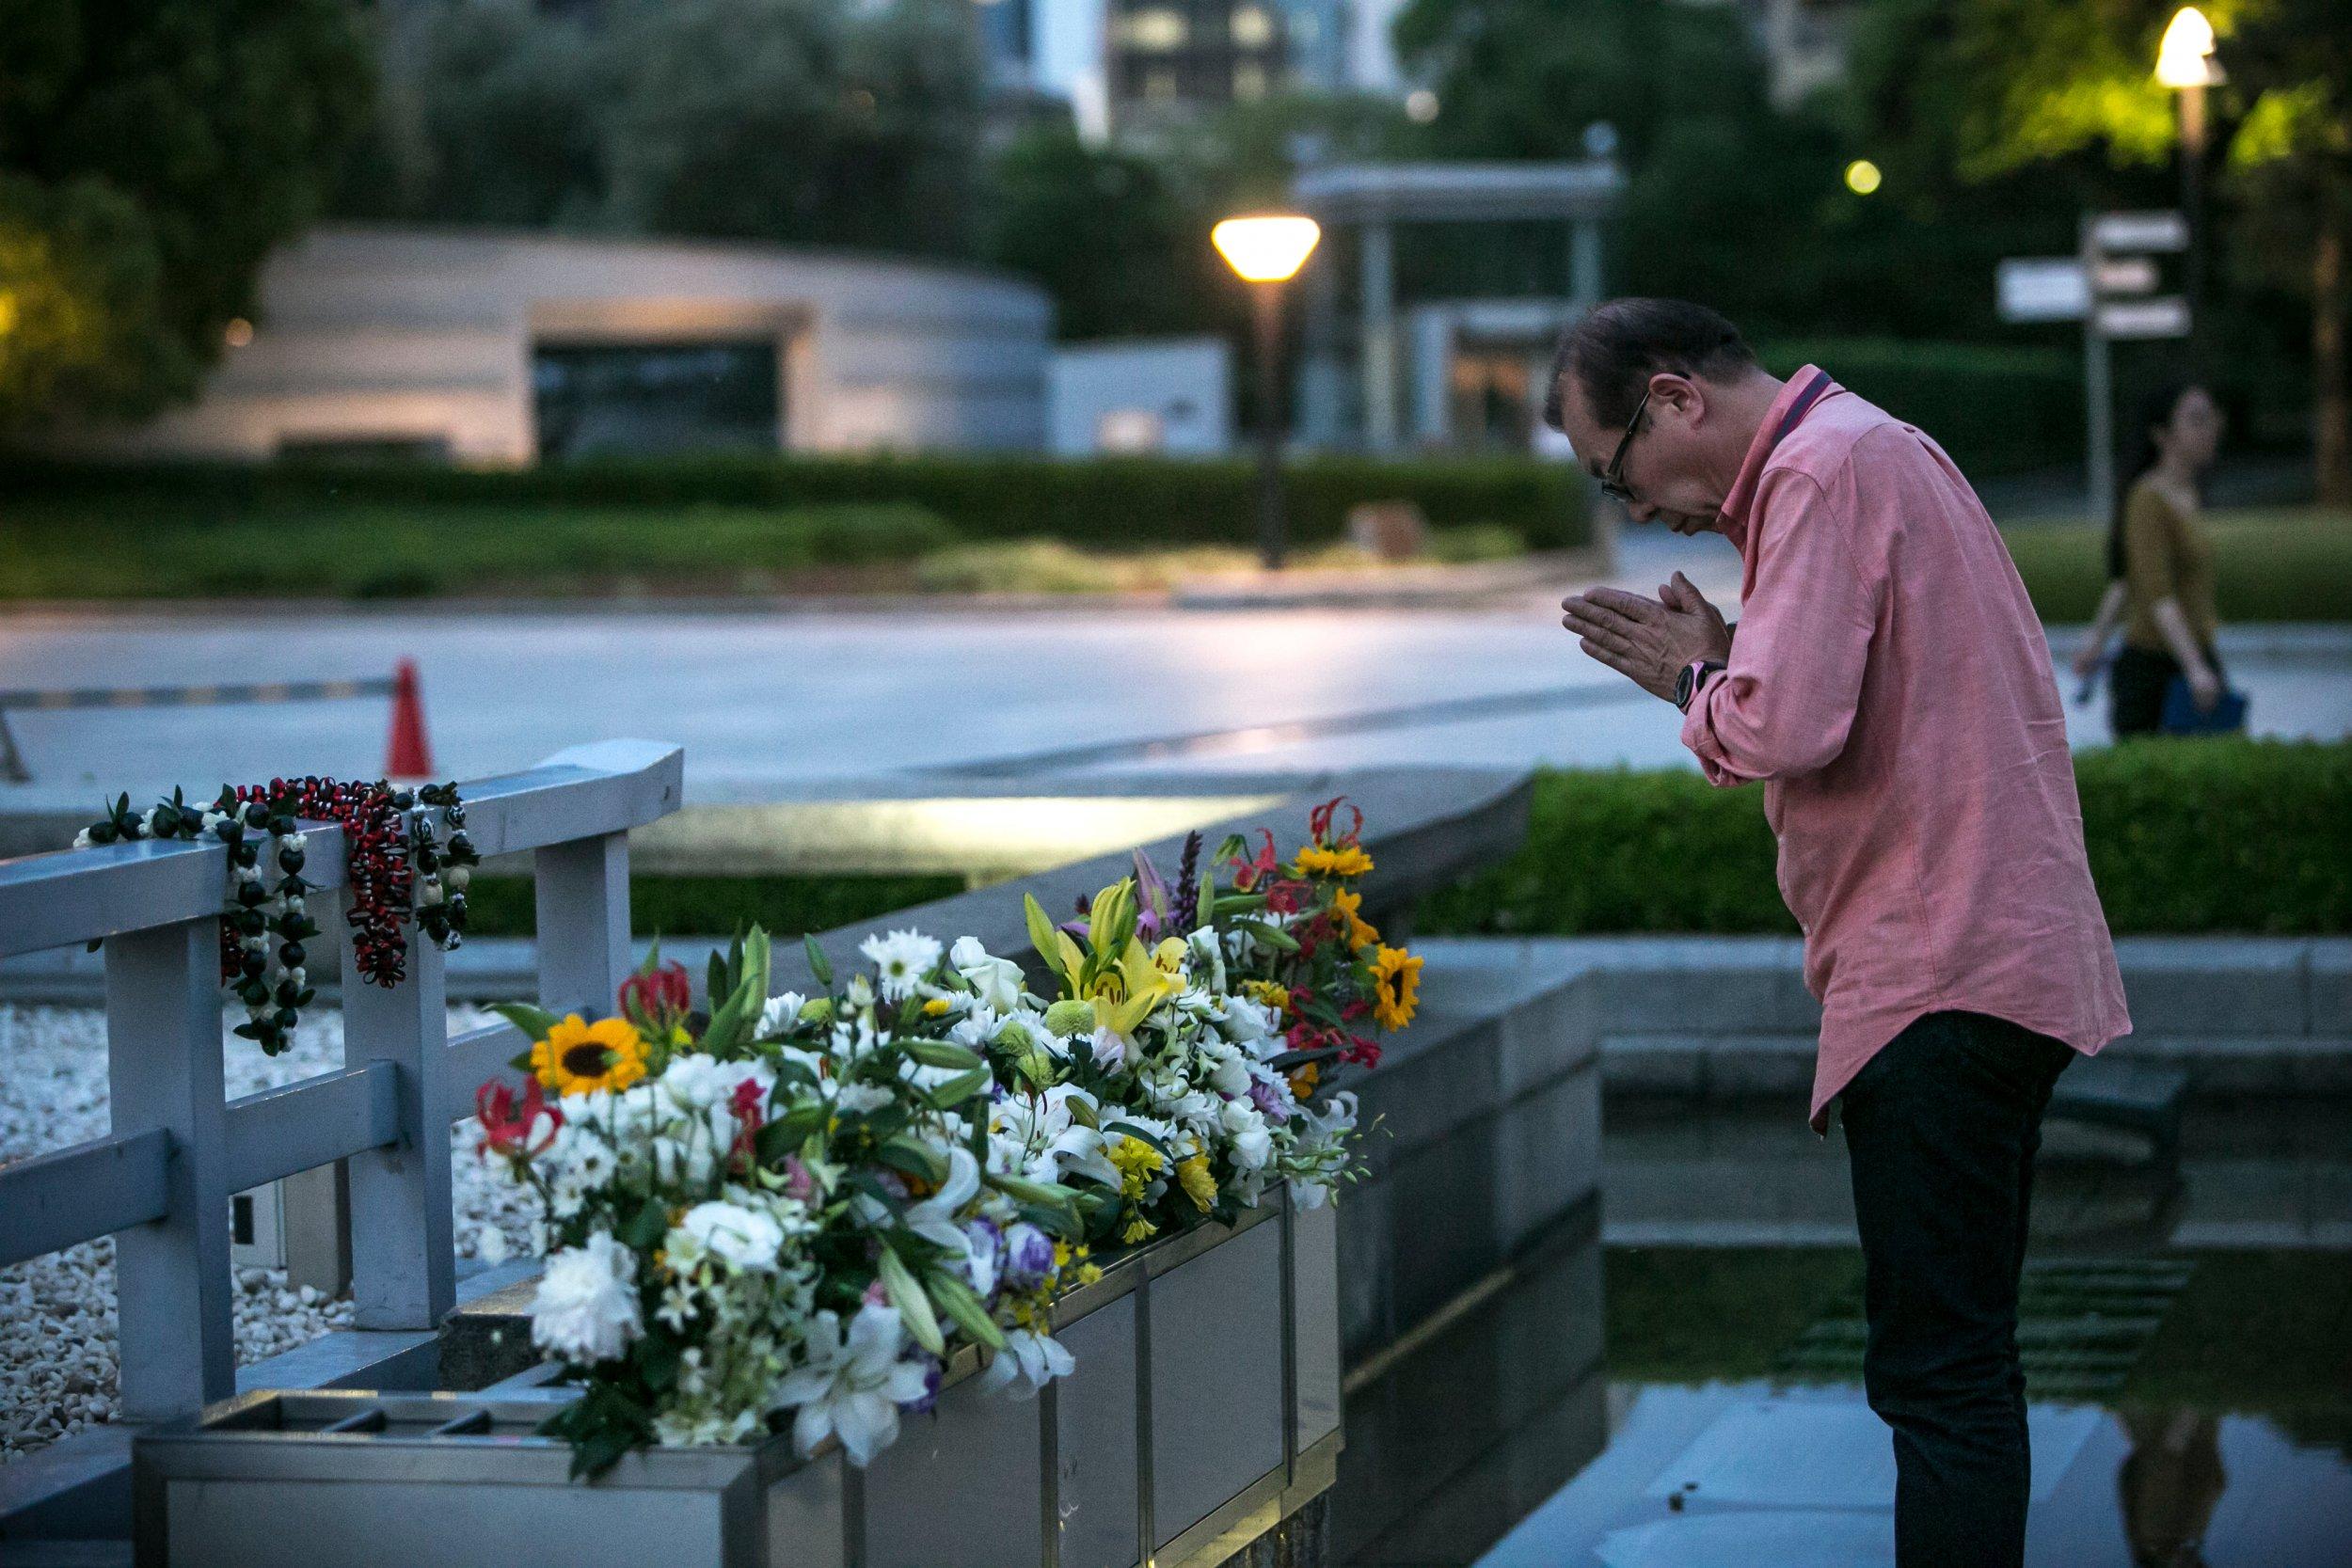 Man pays respects at Hiroshima